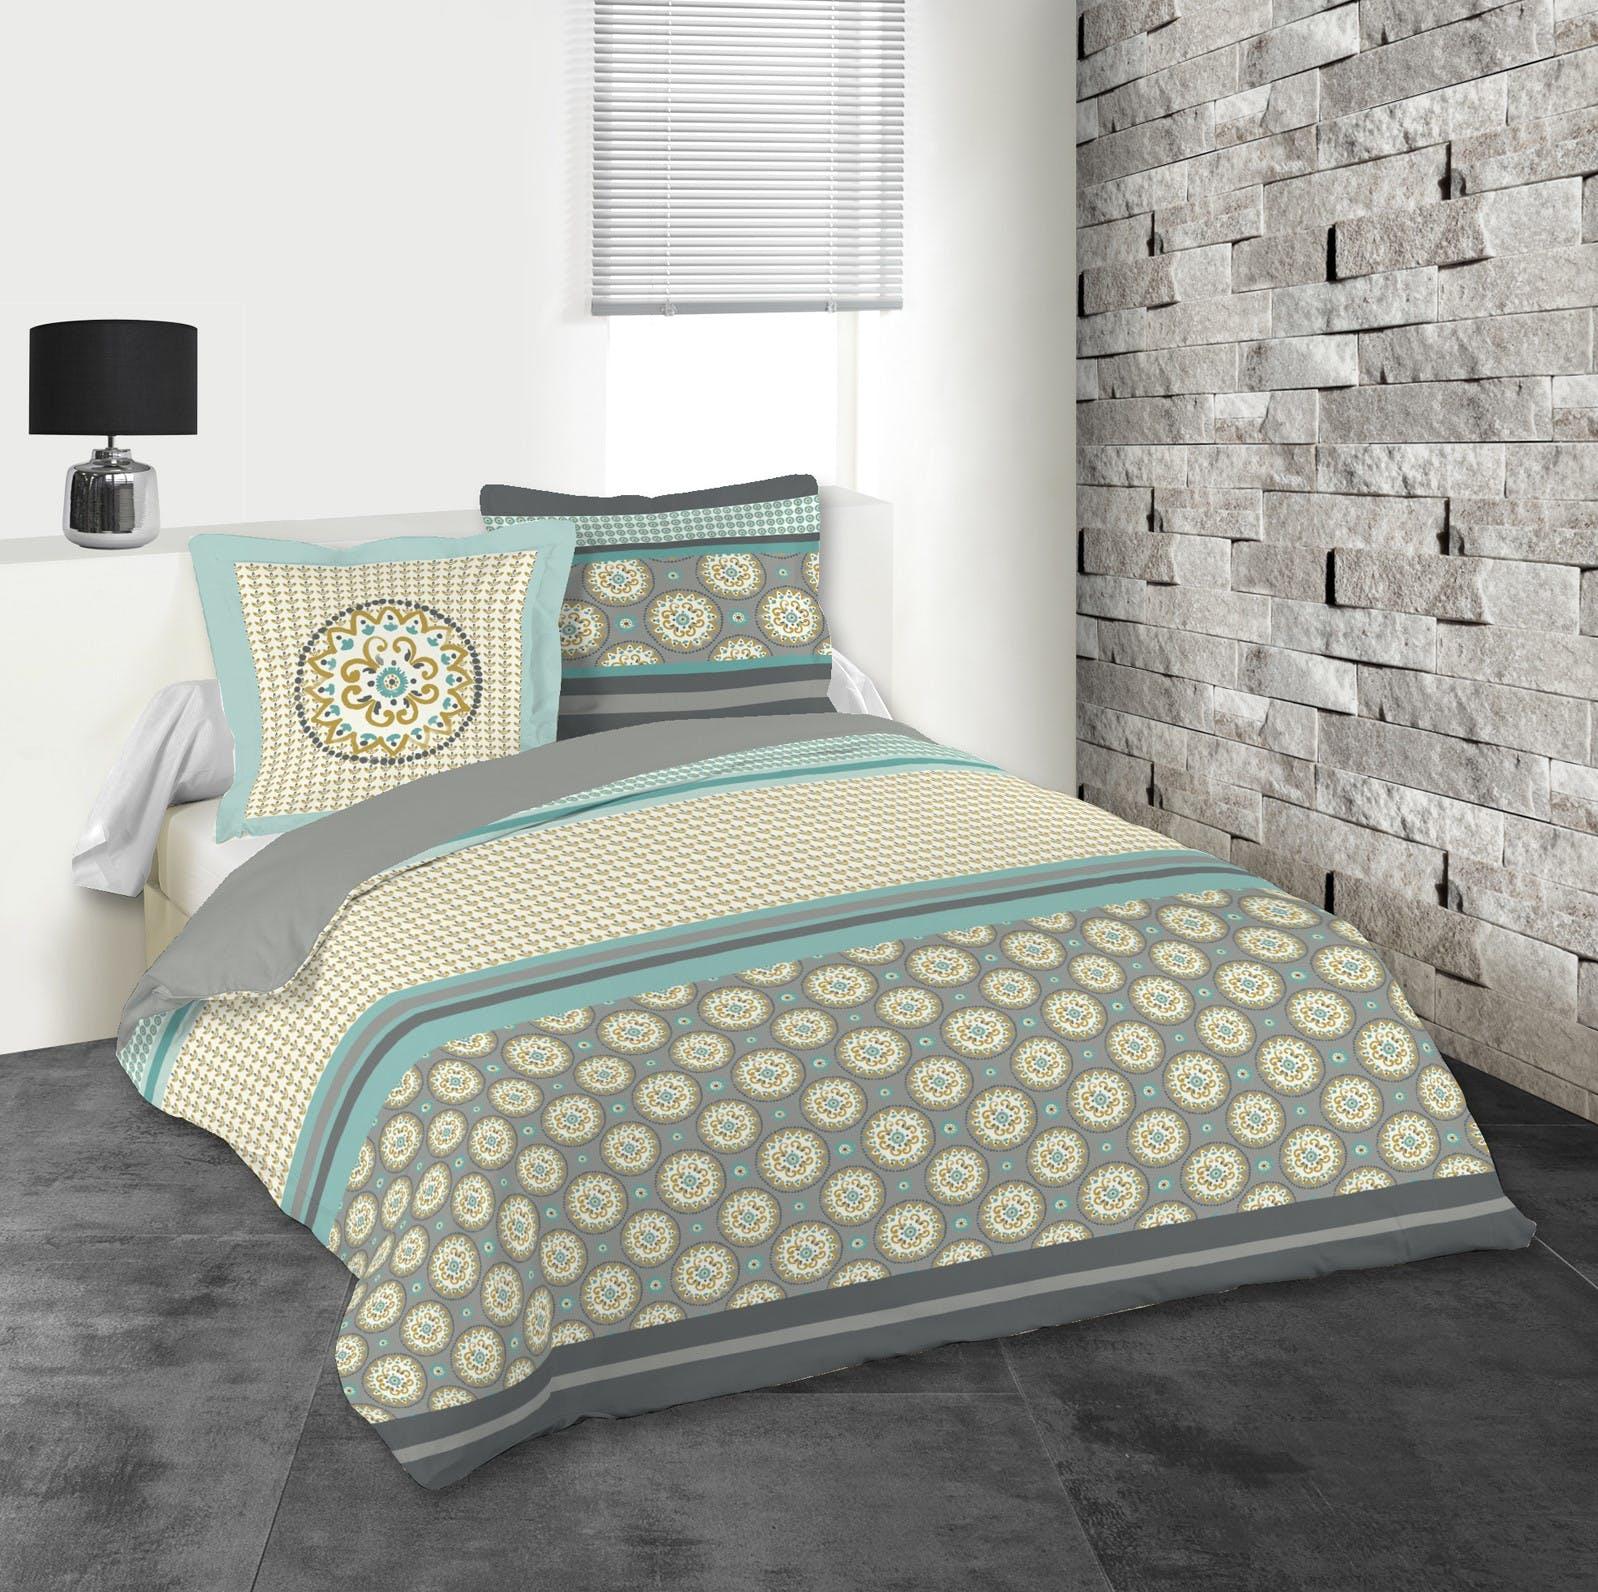 Parure de lit motifs mandalas tons gris, verts et jaunes 240x220 housse de couette + 2 taies 63x63 100% coton AMARILLA